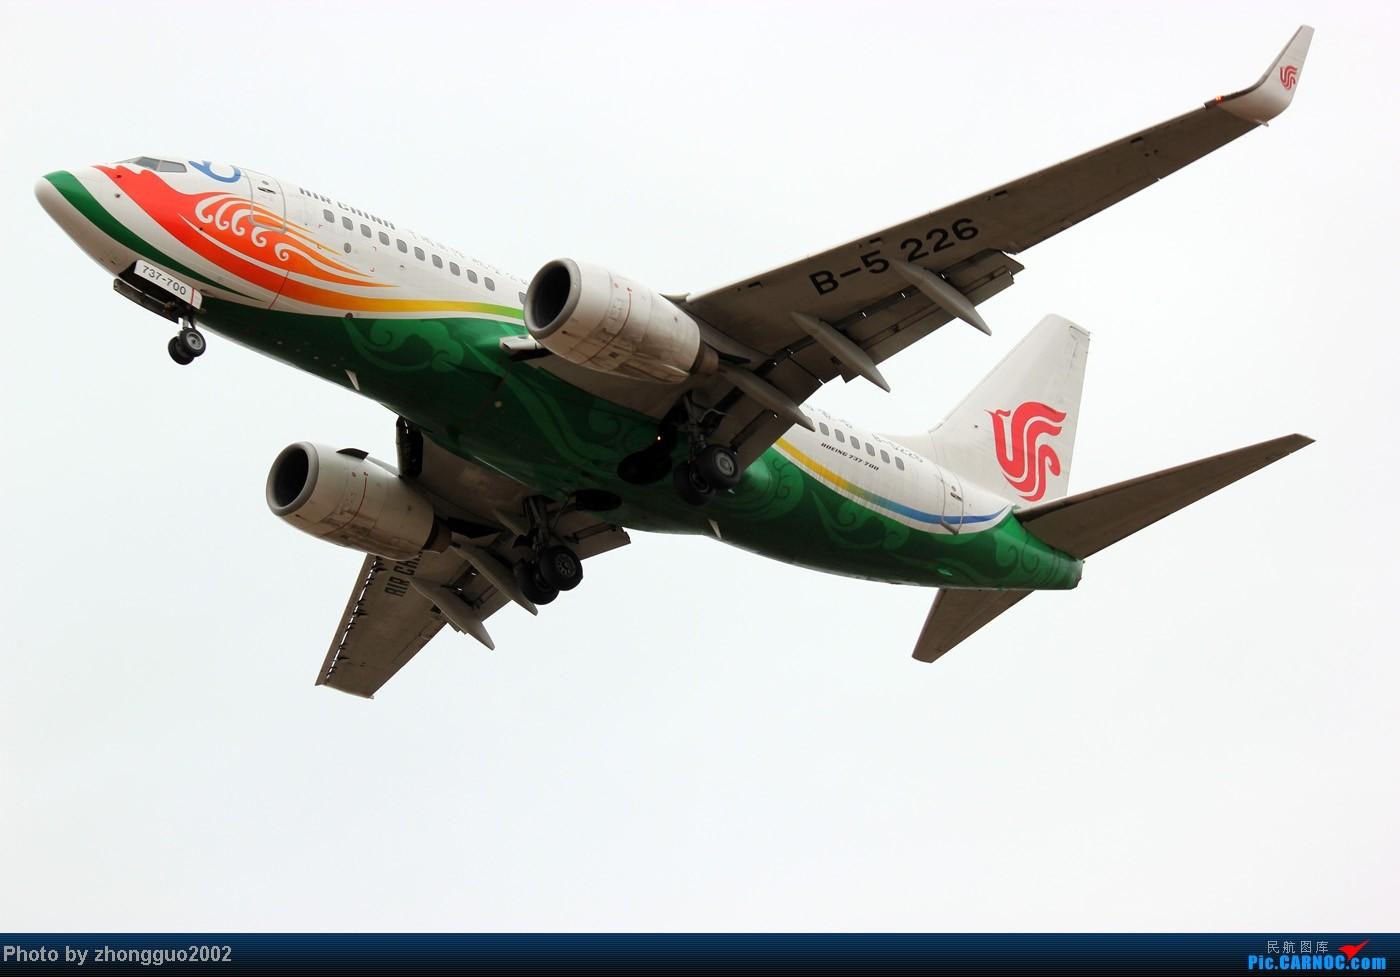 Re:[原创]长荣航空带小翼的321,东航6457小翼319,国航的新机子1947.1945,国航内蒙古号5226,新舟60,以及深圳、首都、西部等航空的飞机。 BOEING 737-700 B-5226 中国呼和浩特白塔机场